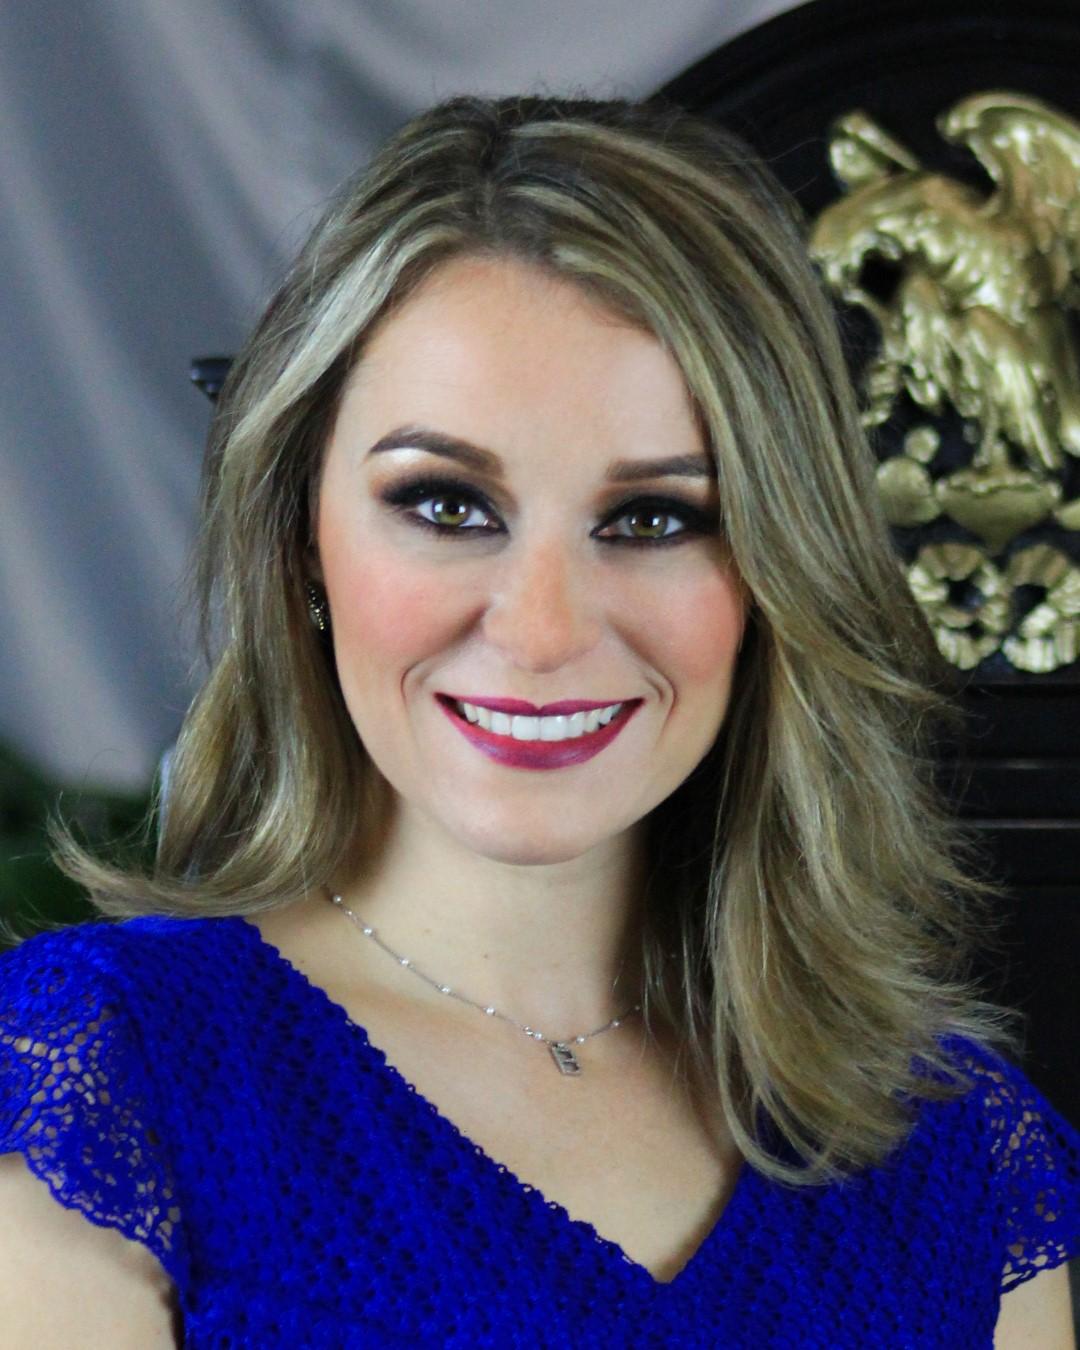 Georgina Cardenas